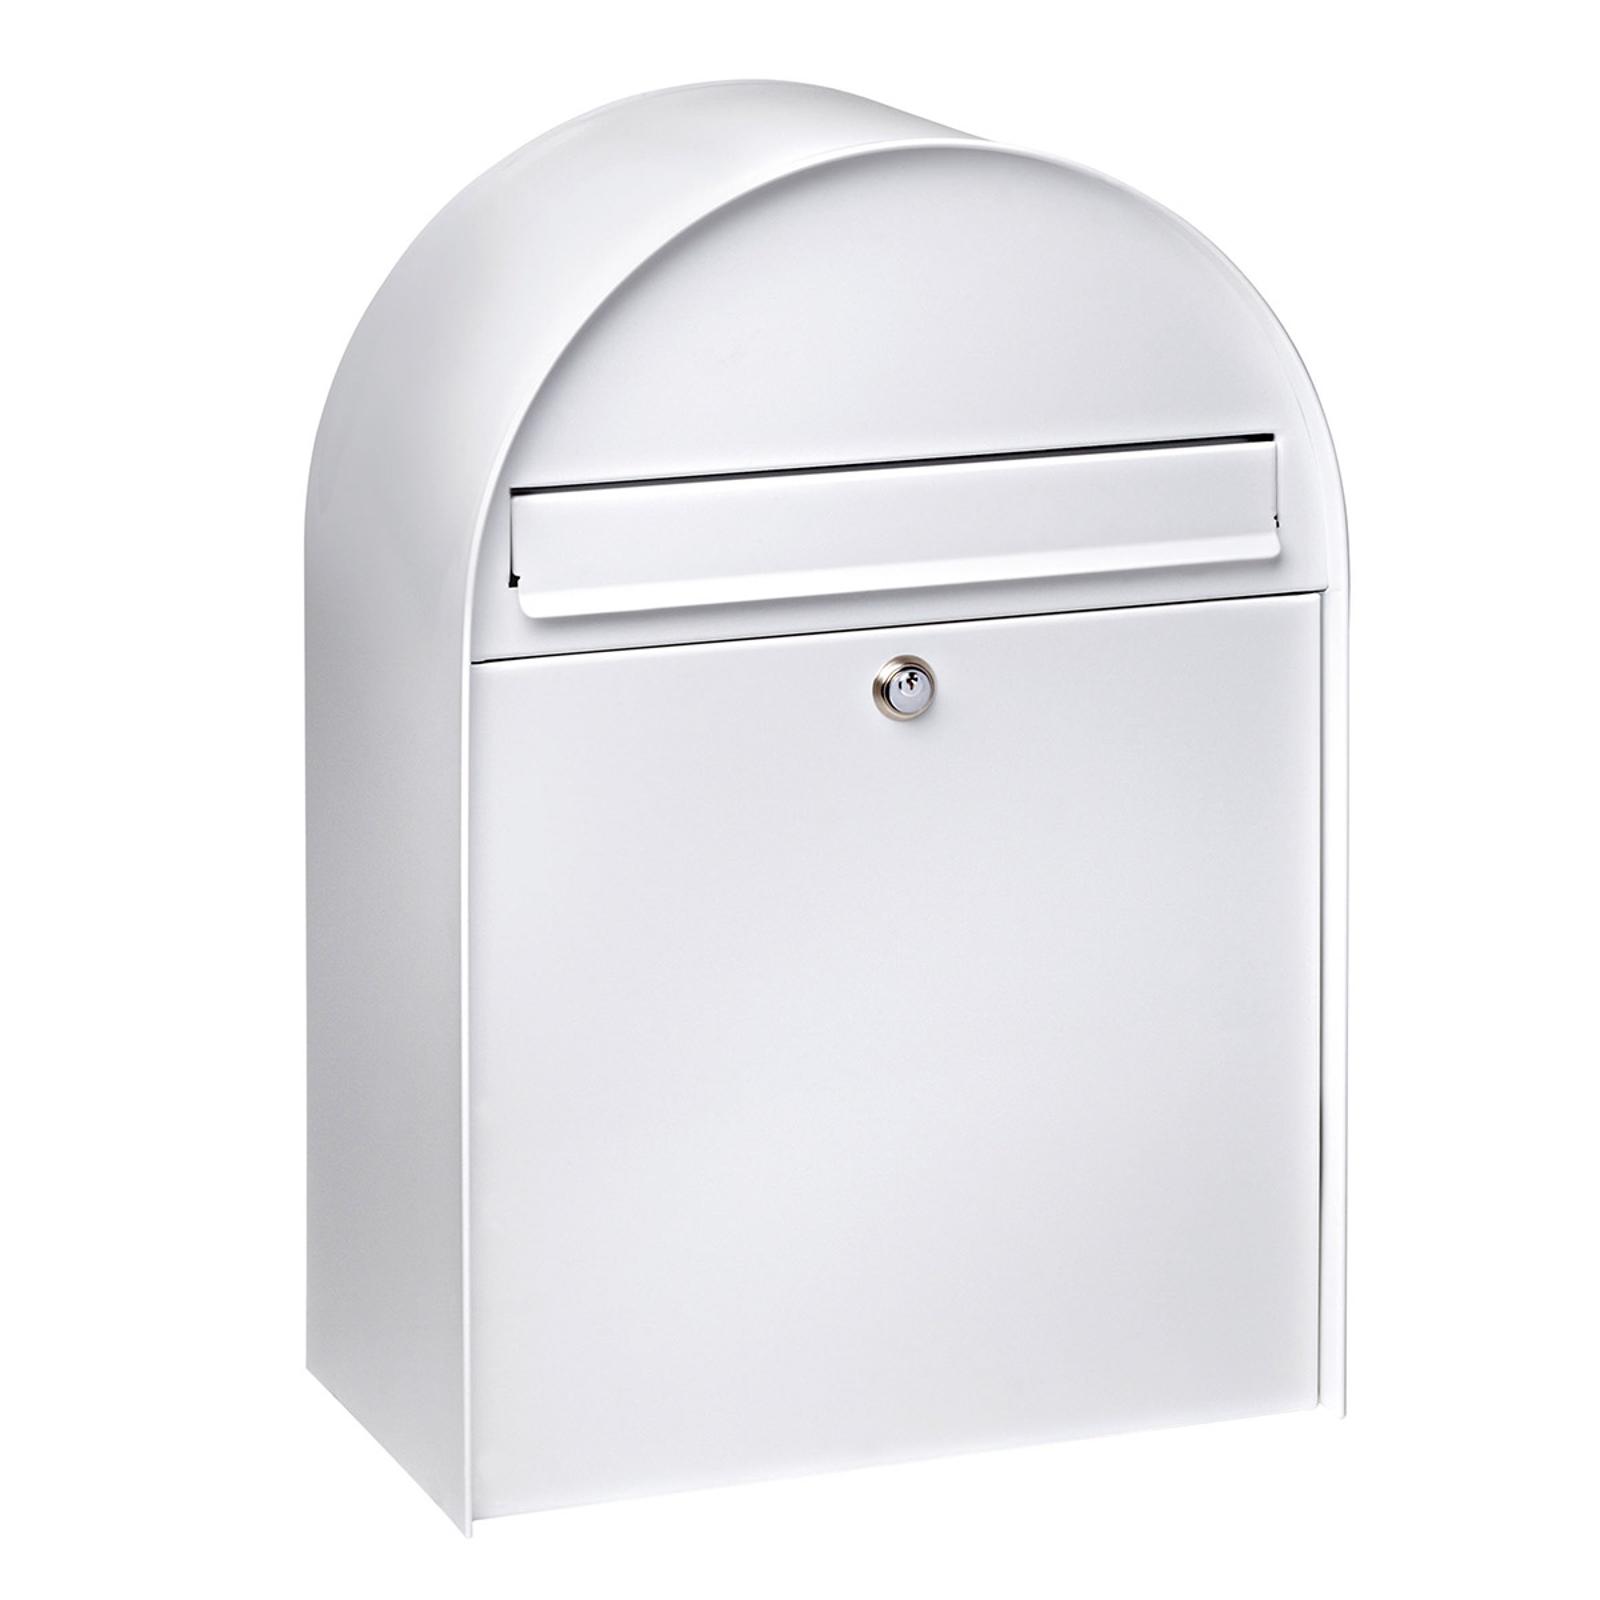 NORDIC 780 - duża skrzynka na listy, biała